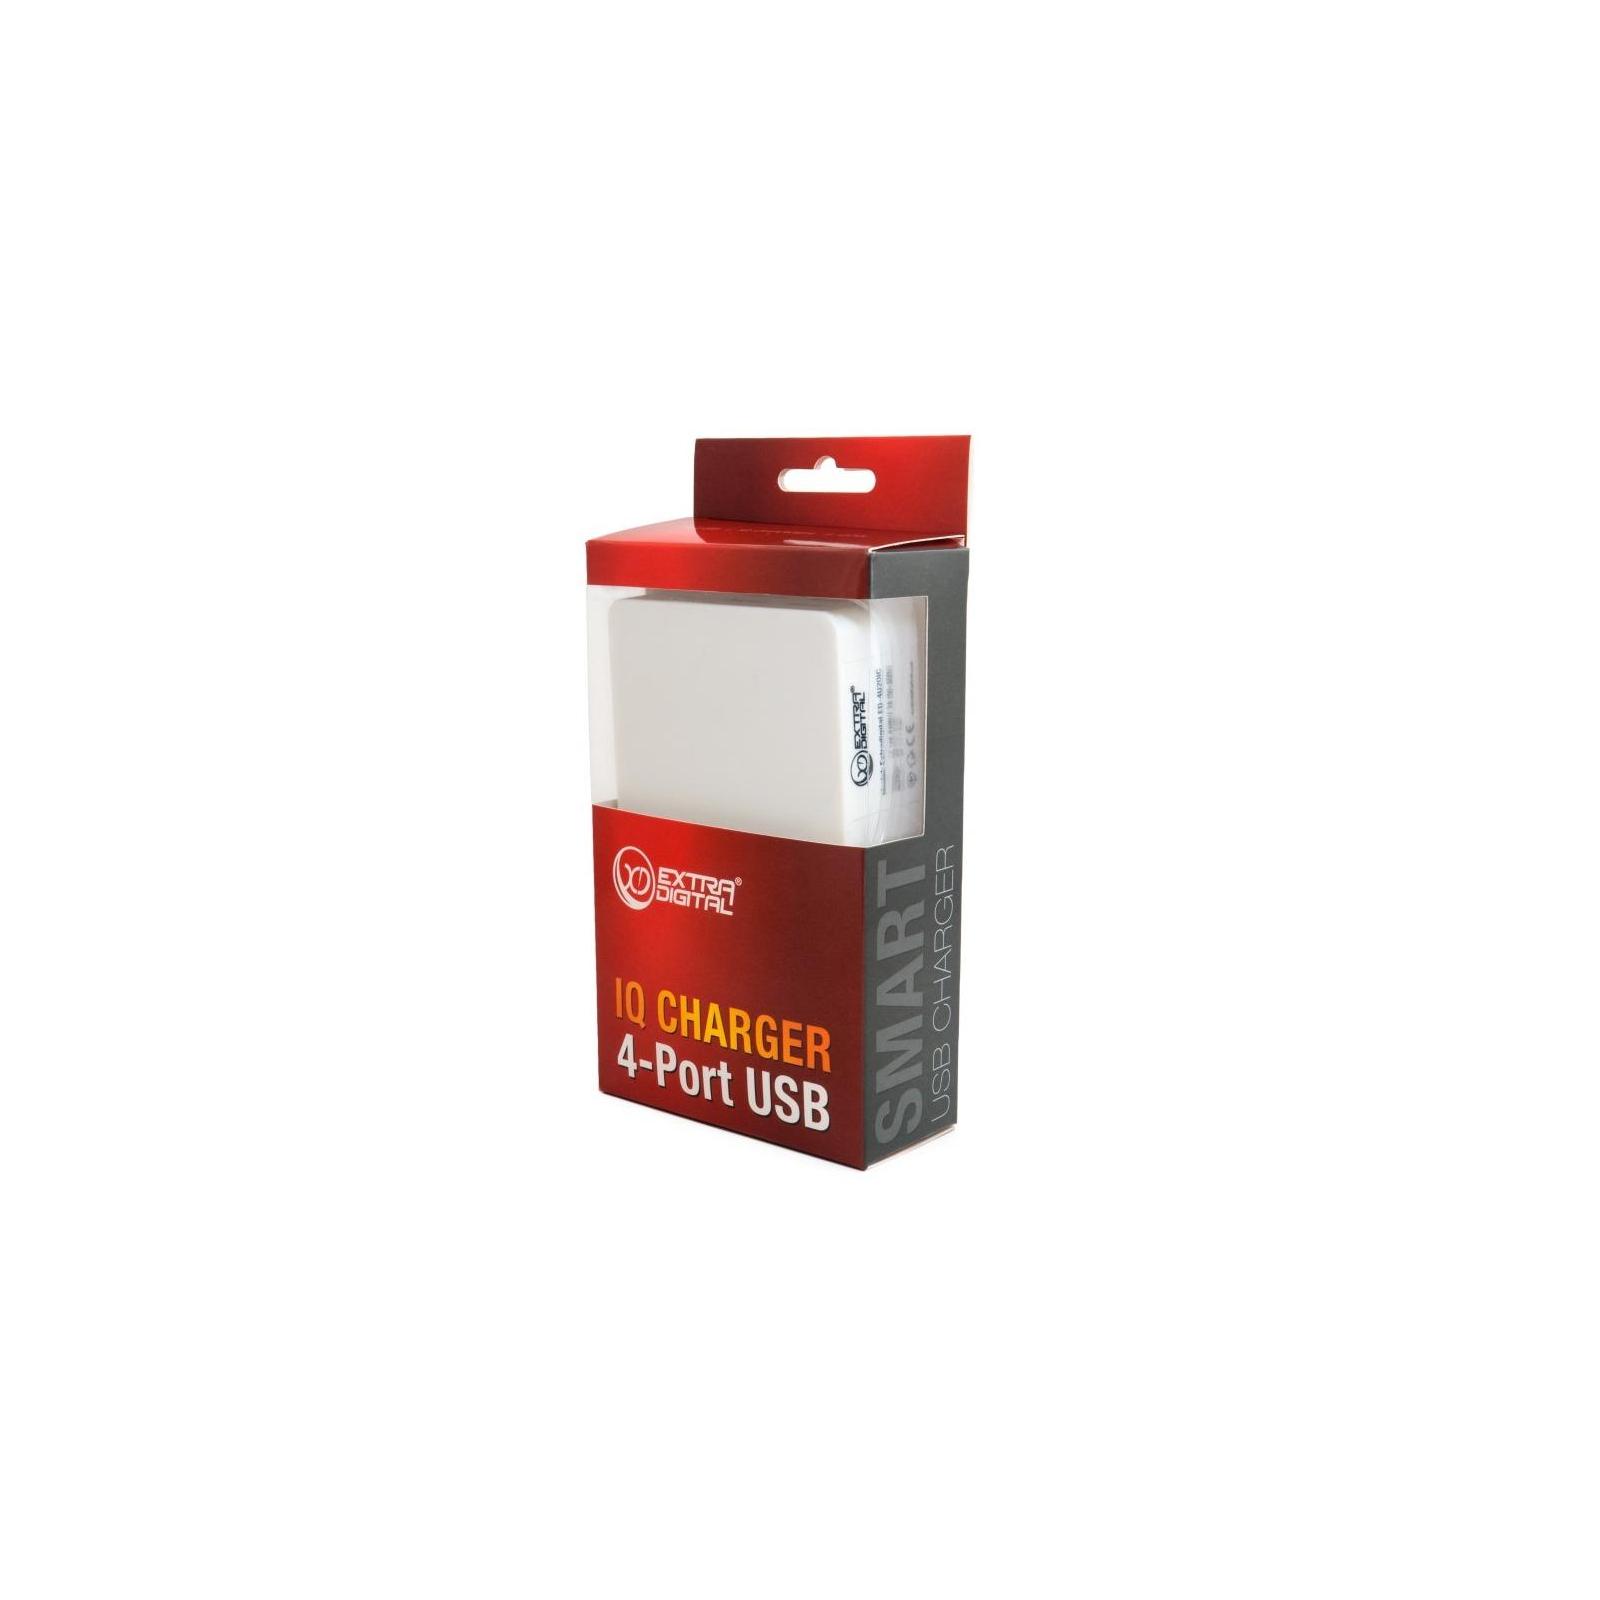 Зарядное устройство Extradigital IQ Charger ED-4U20IC 4*USB, 4A (CUE1527) изображение 8